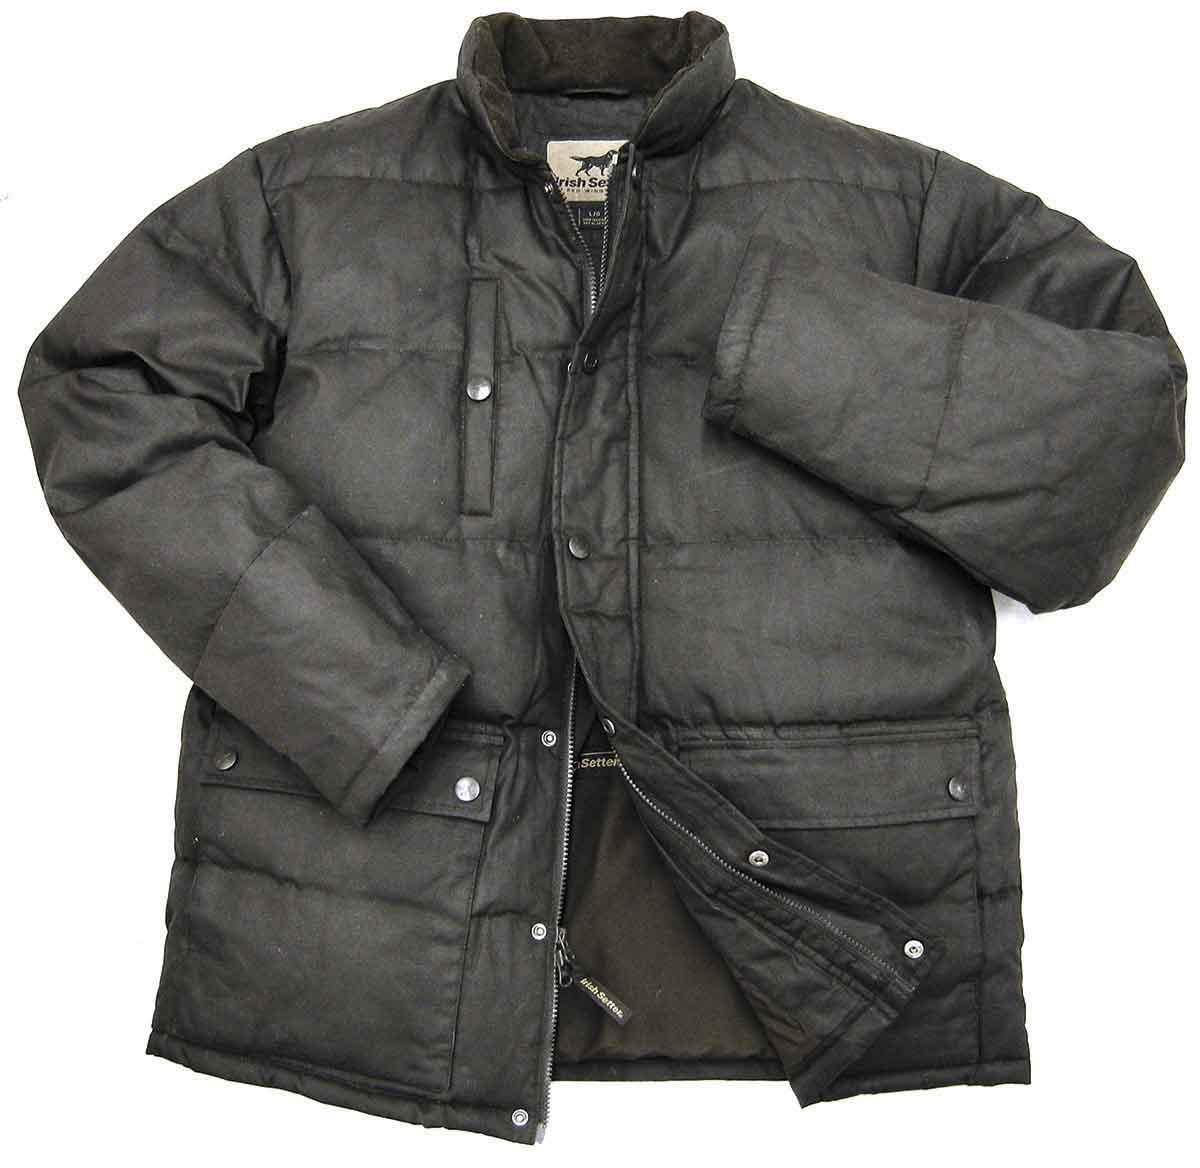 Irish Setter Apparel Bayport Wax Cotton Down Jacket